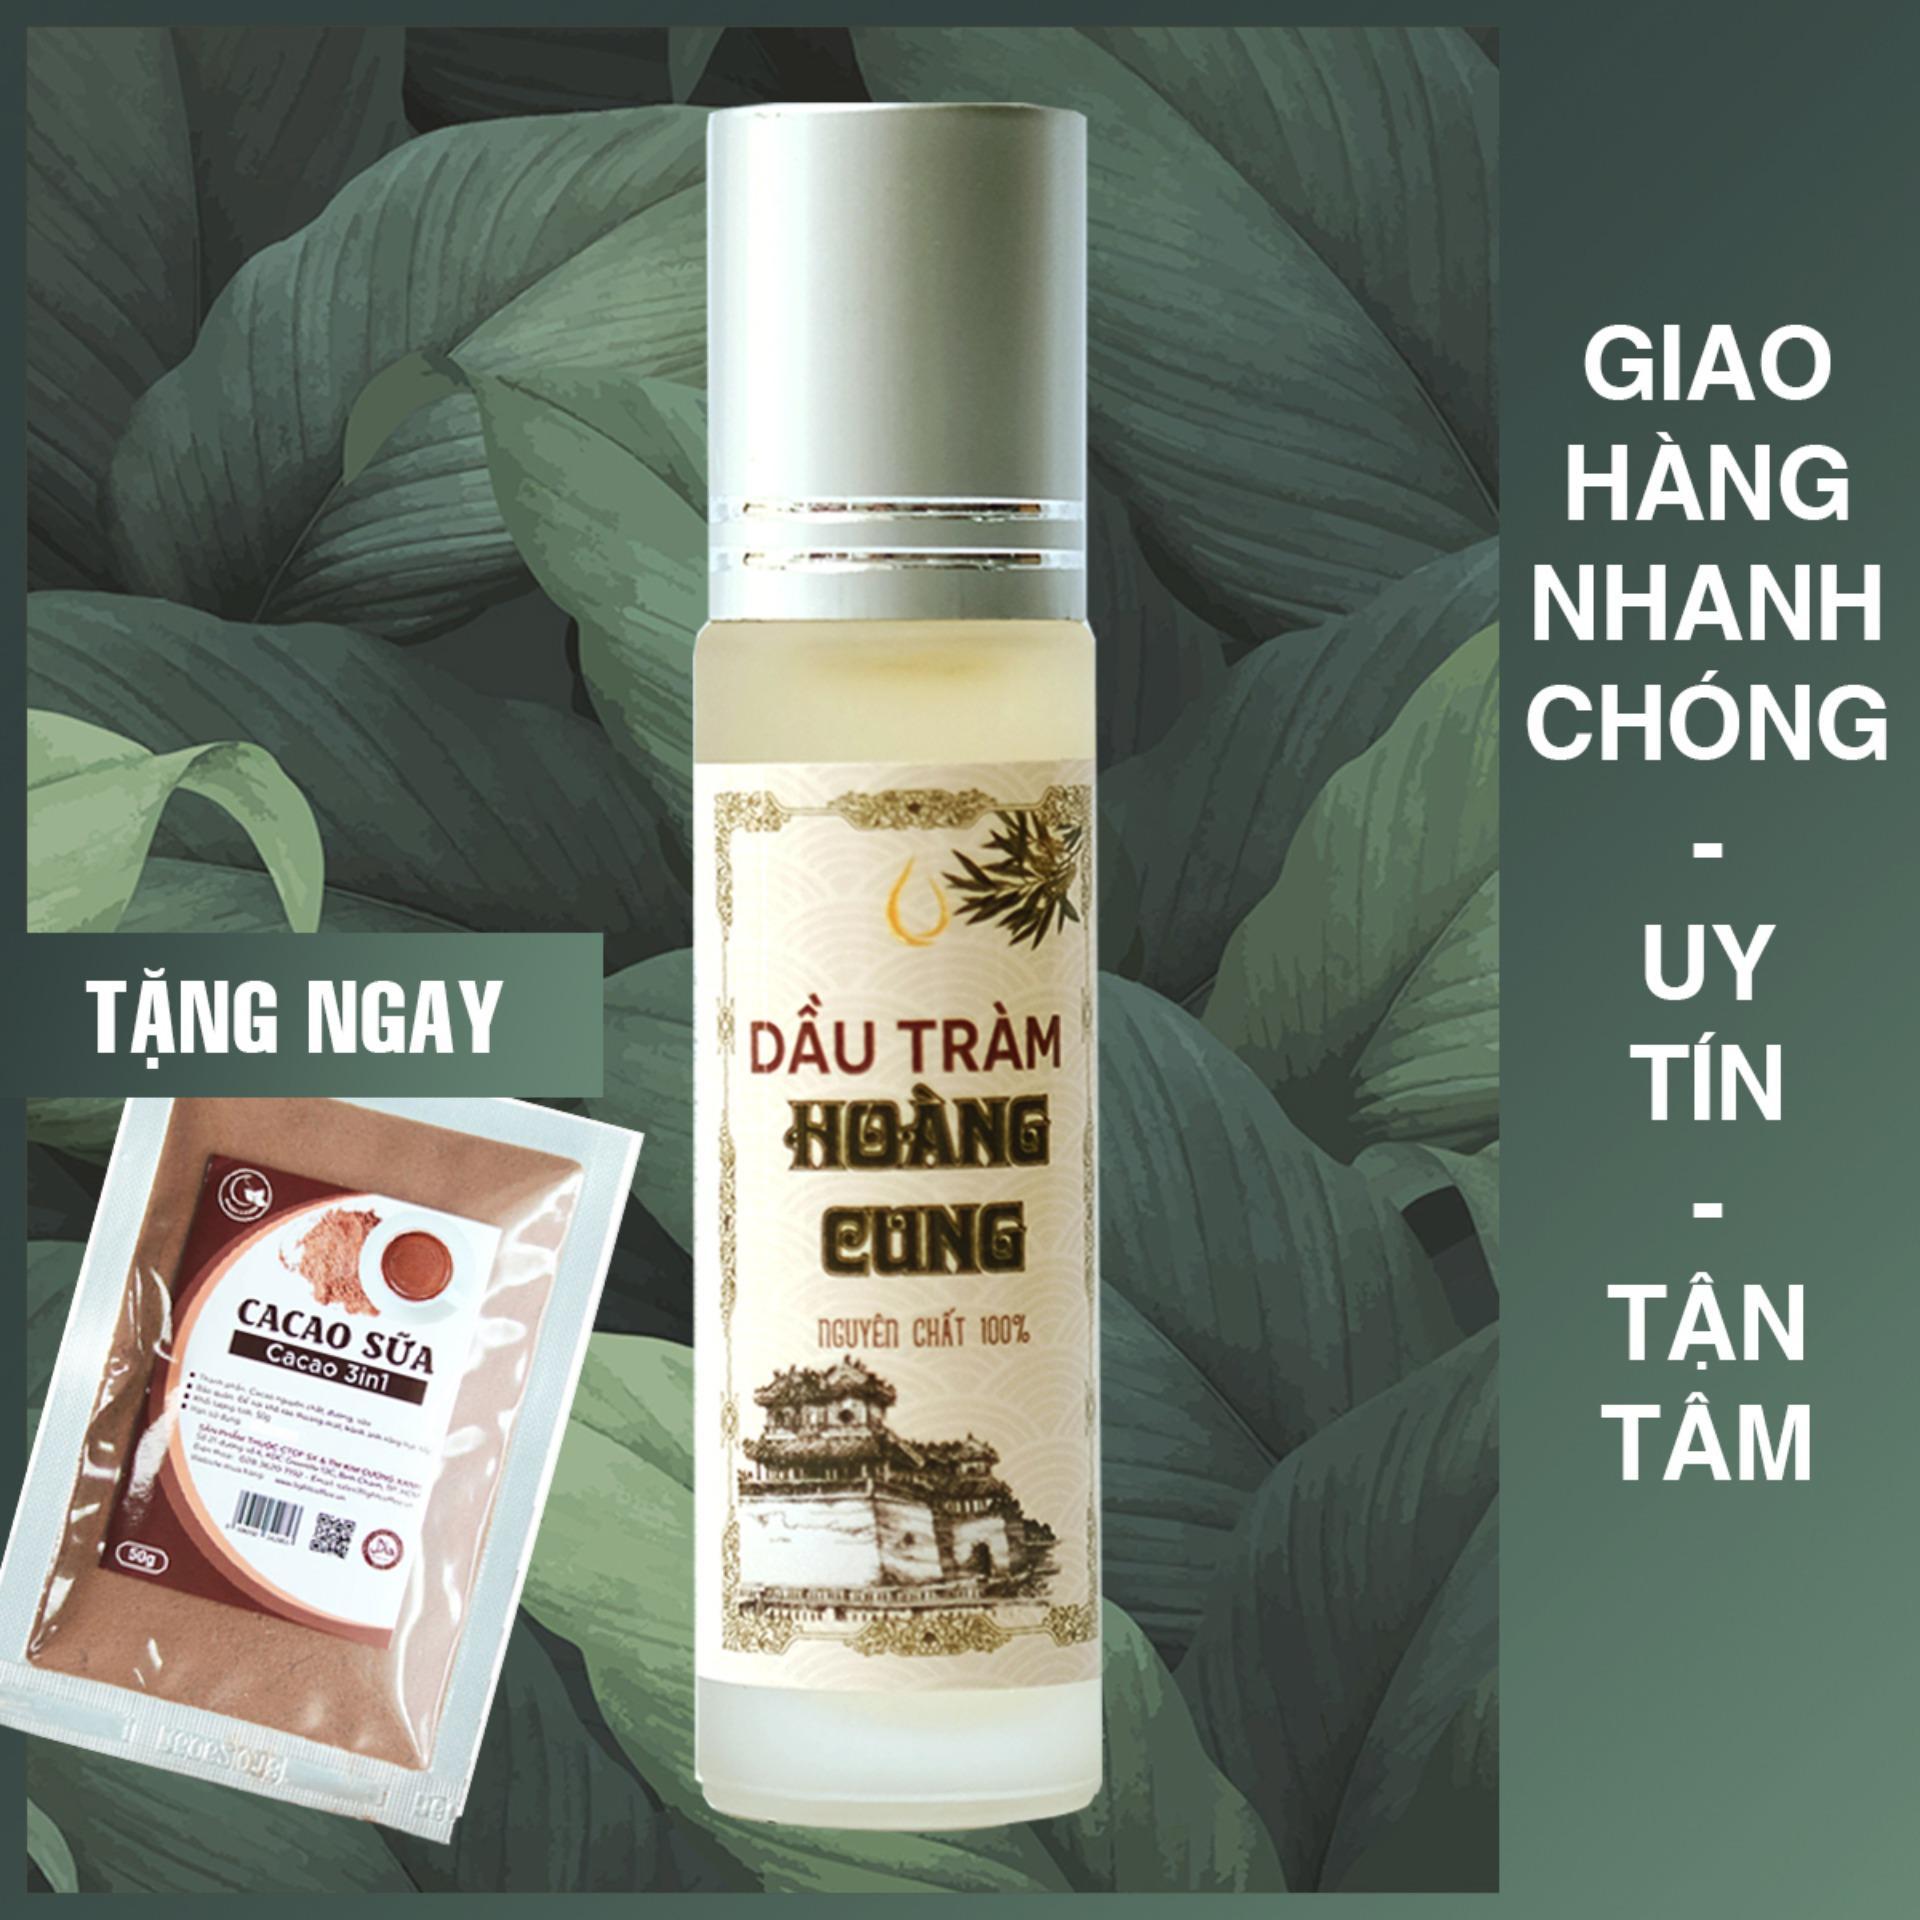 Dầu tràm Huế nguyên chất Hoàng Cung 10ml (chai lăn)